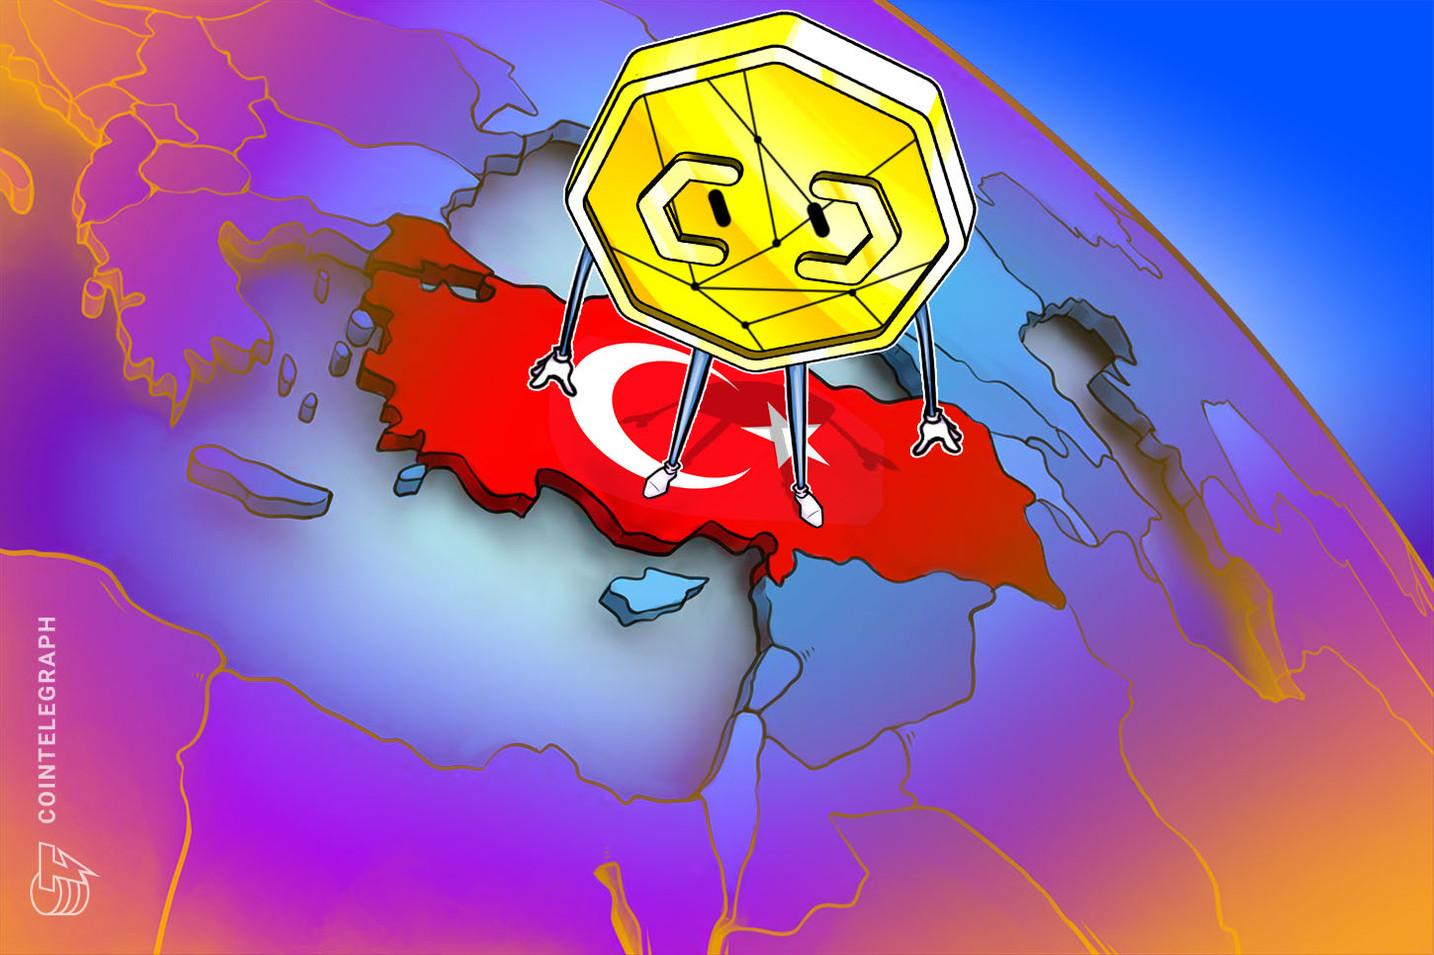 Het gebruik van cryptovaluta in Turkije is in een jaar tijd met een factor elf gestegen, blijkt uit nieuw onderzoek survey